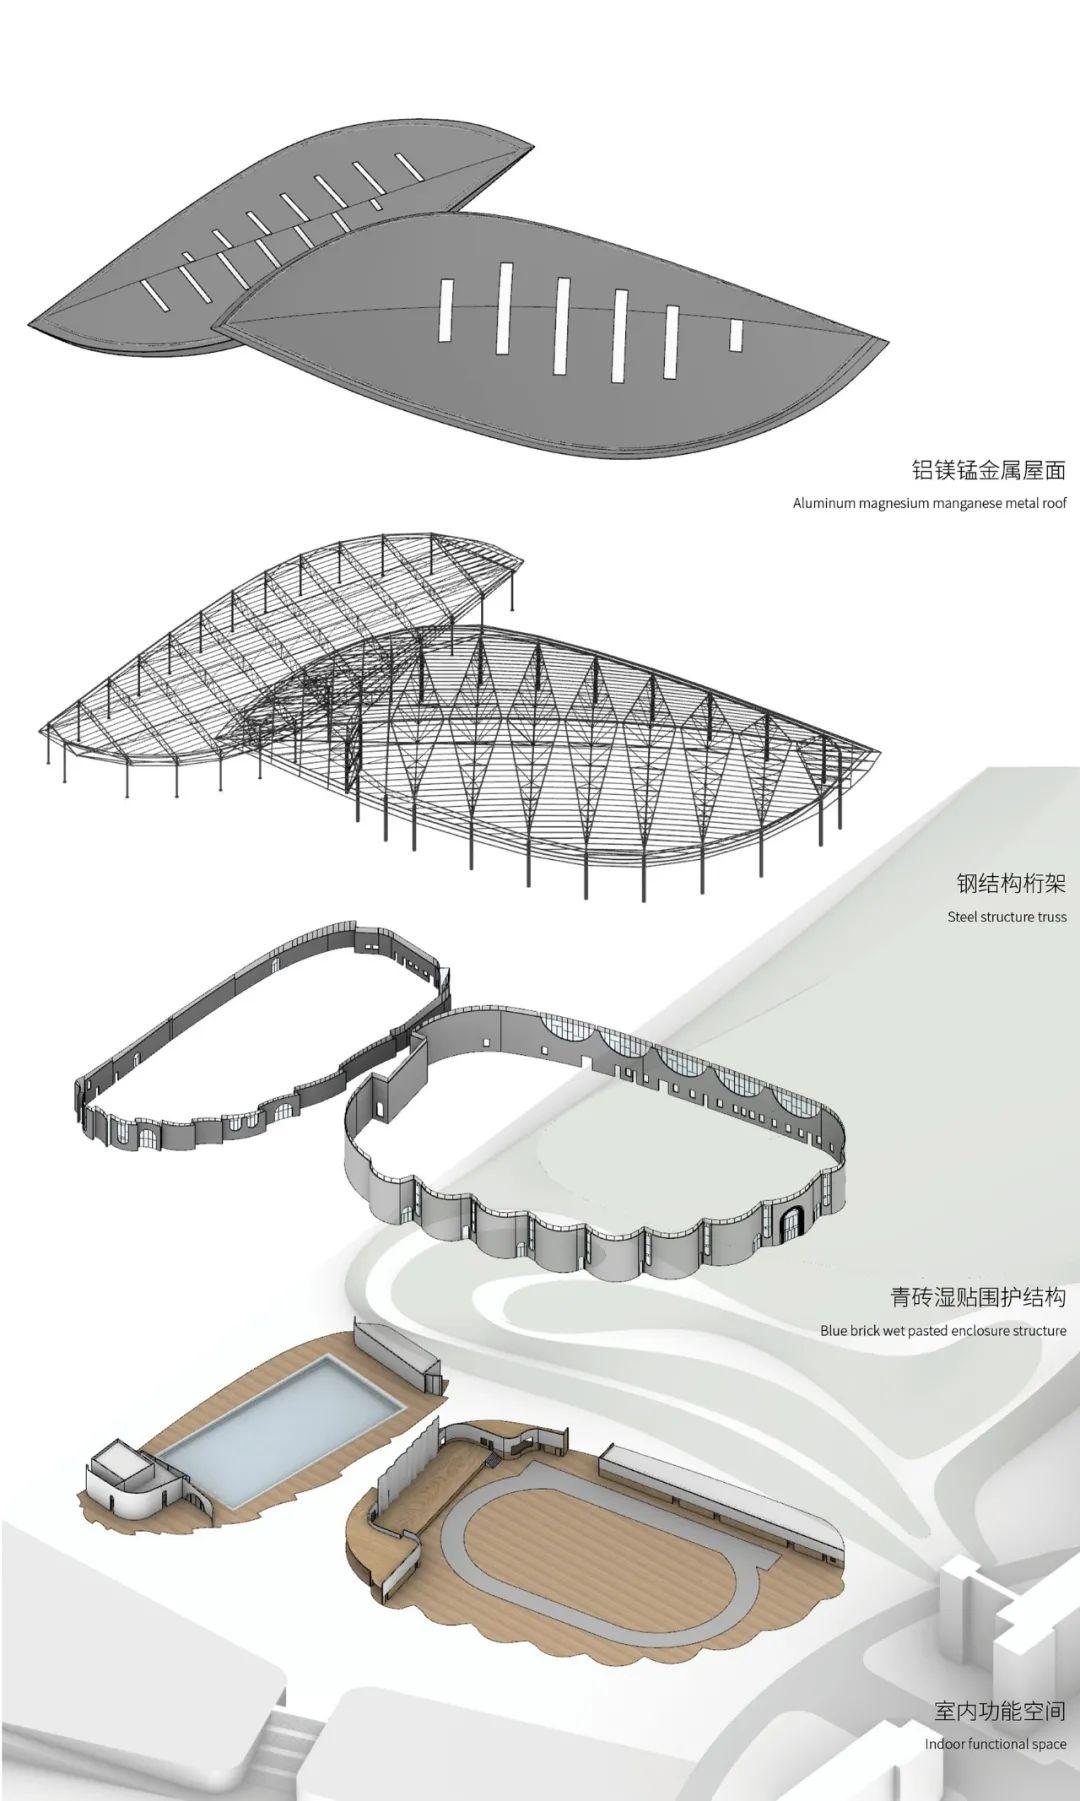 福建建瓯一中体育馆游泳馆 建筑设计 / 天华设计